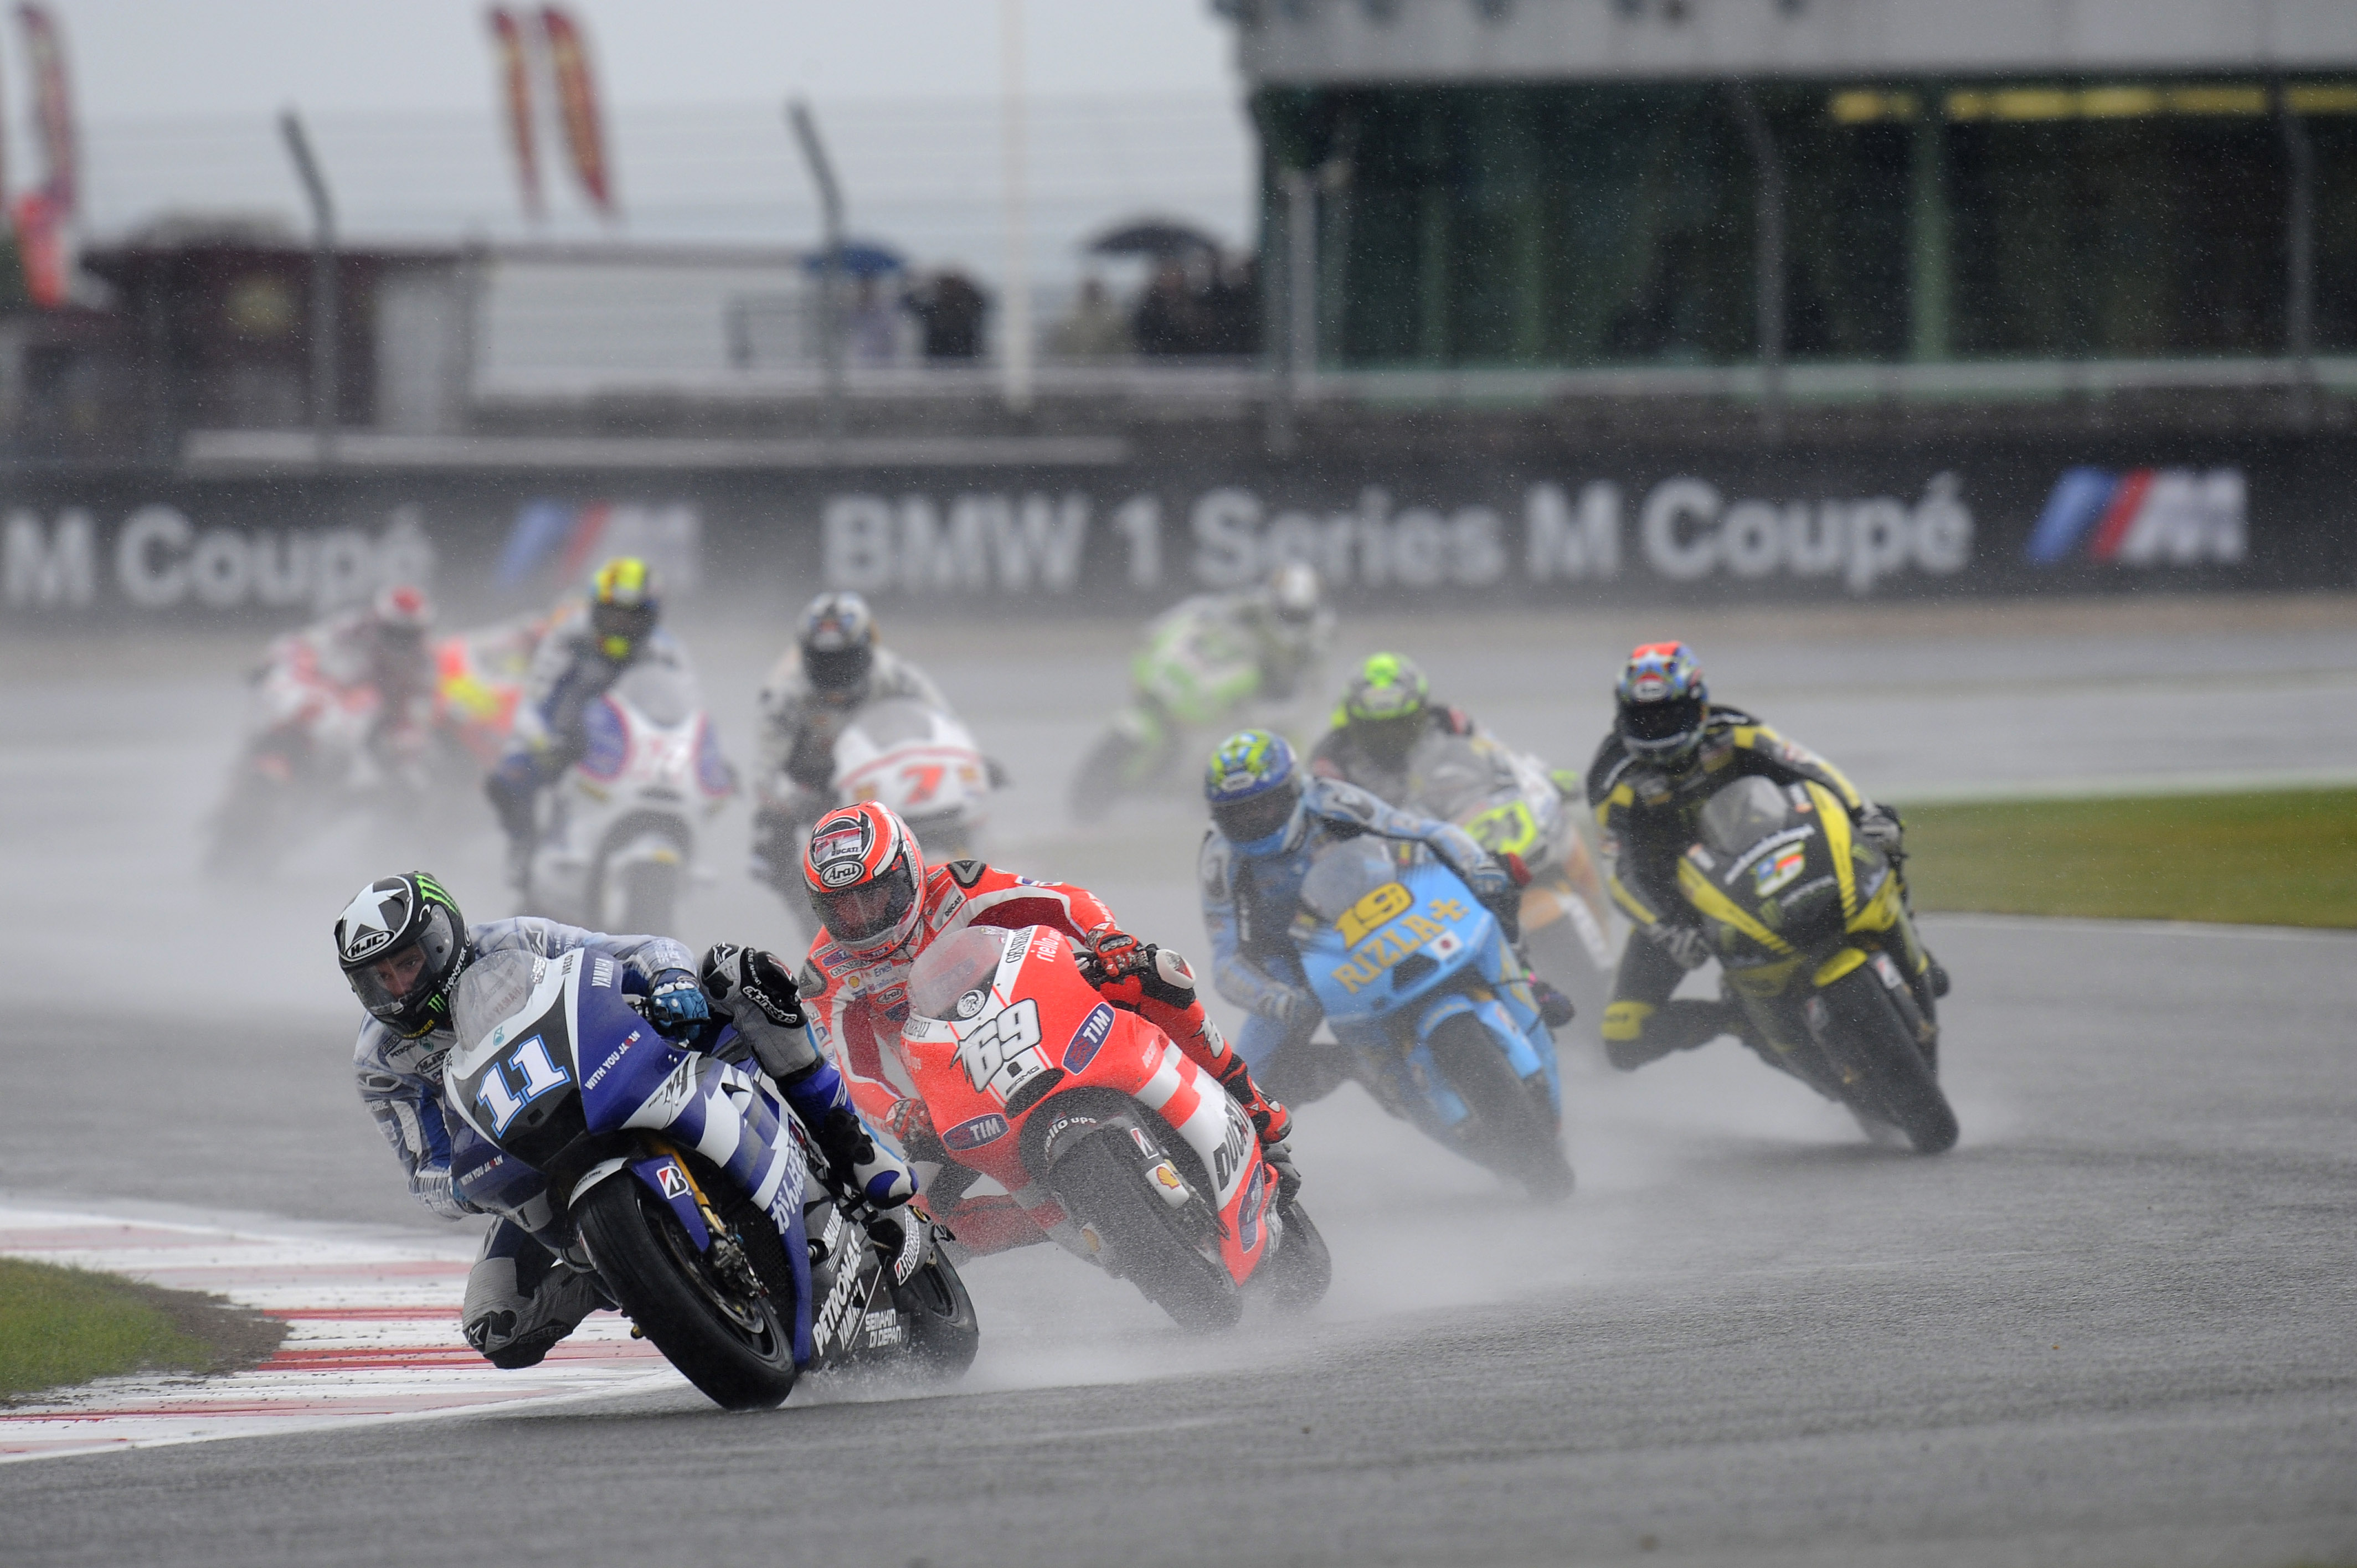 MotoGP: תוצאות מירוץ אסן, הולנד